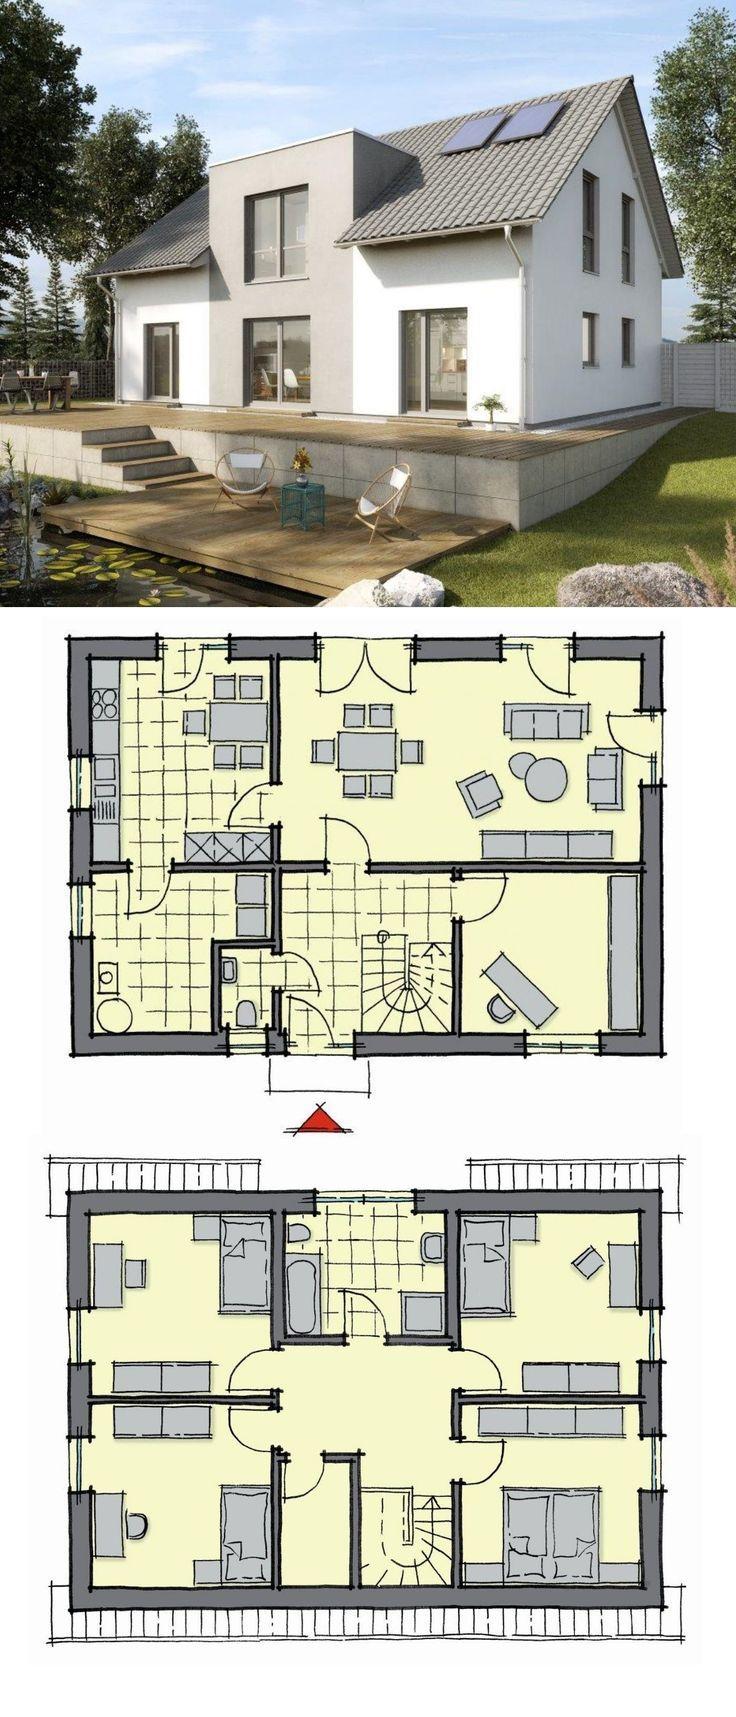 Einfamilienhaus Neubau modern Grundriss 150 qm, 6 Zimmer